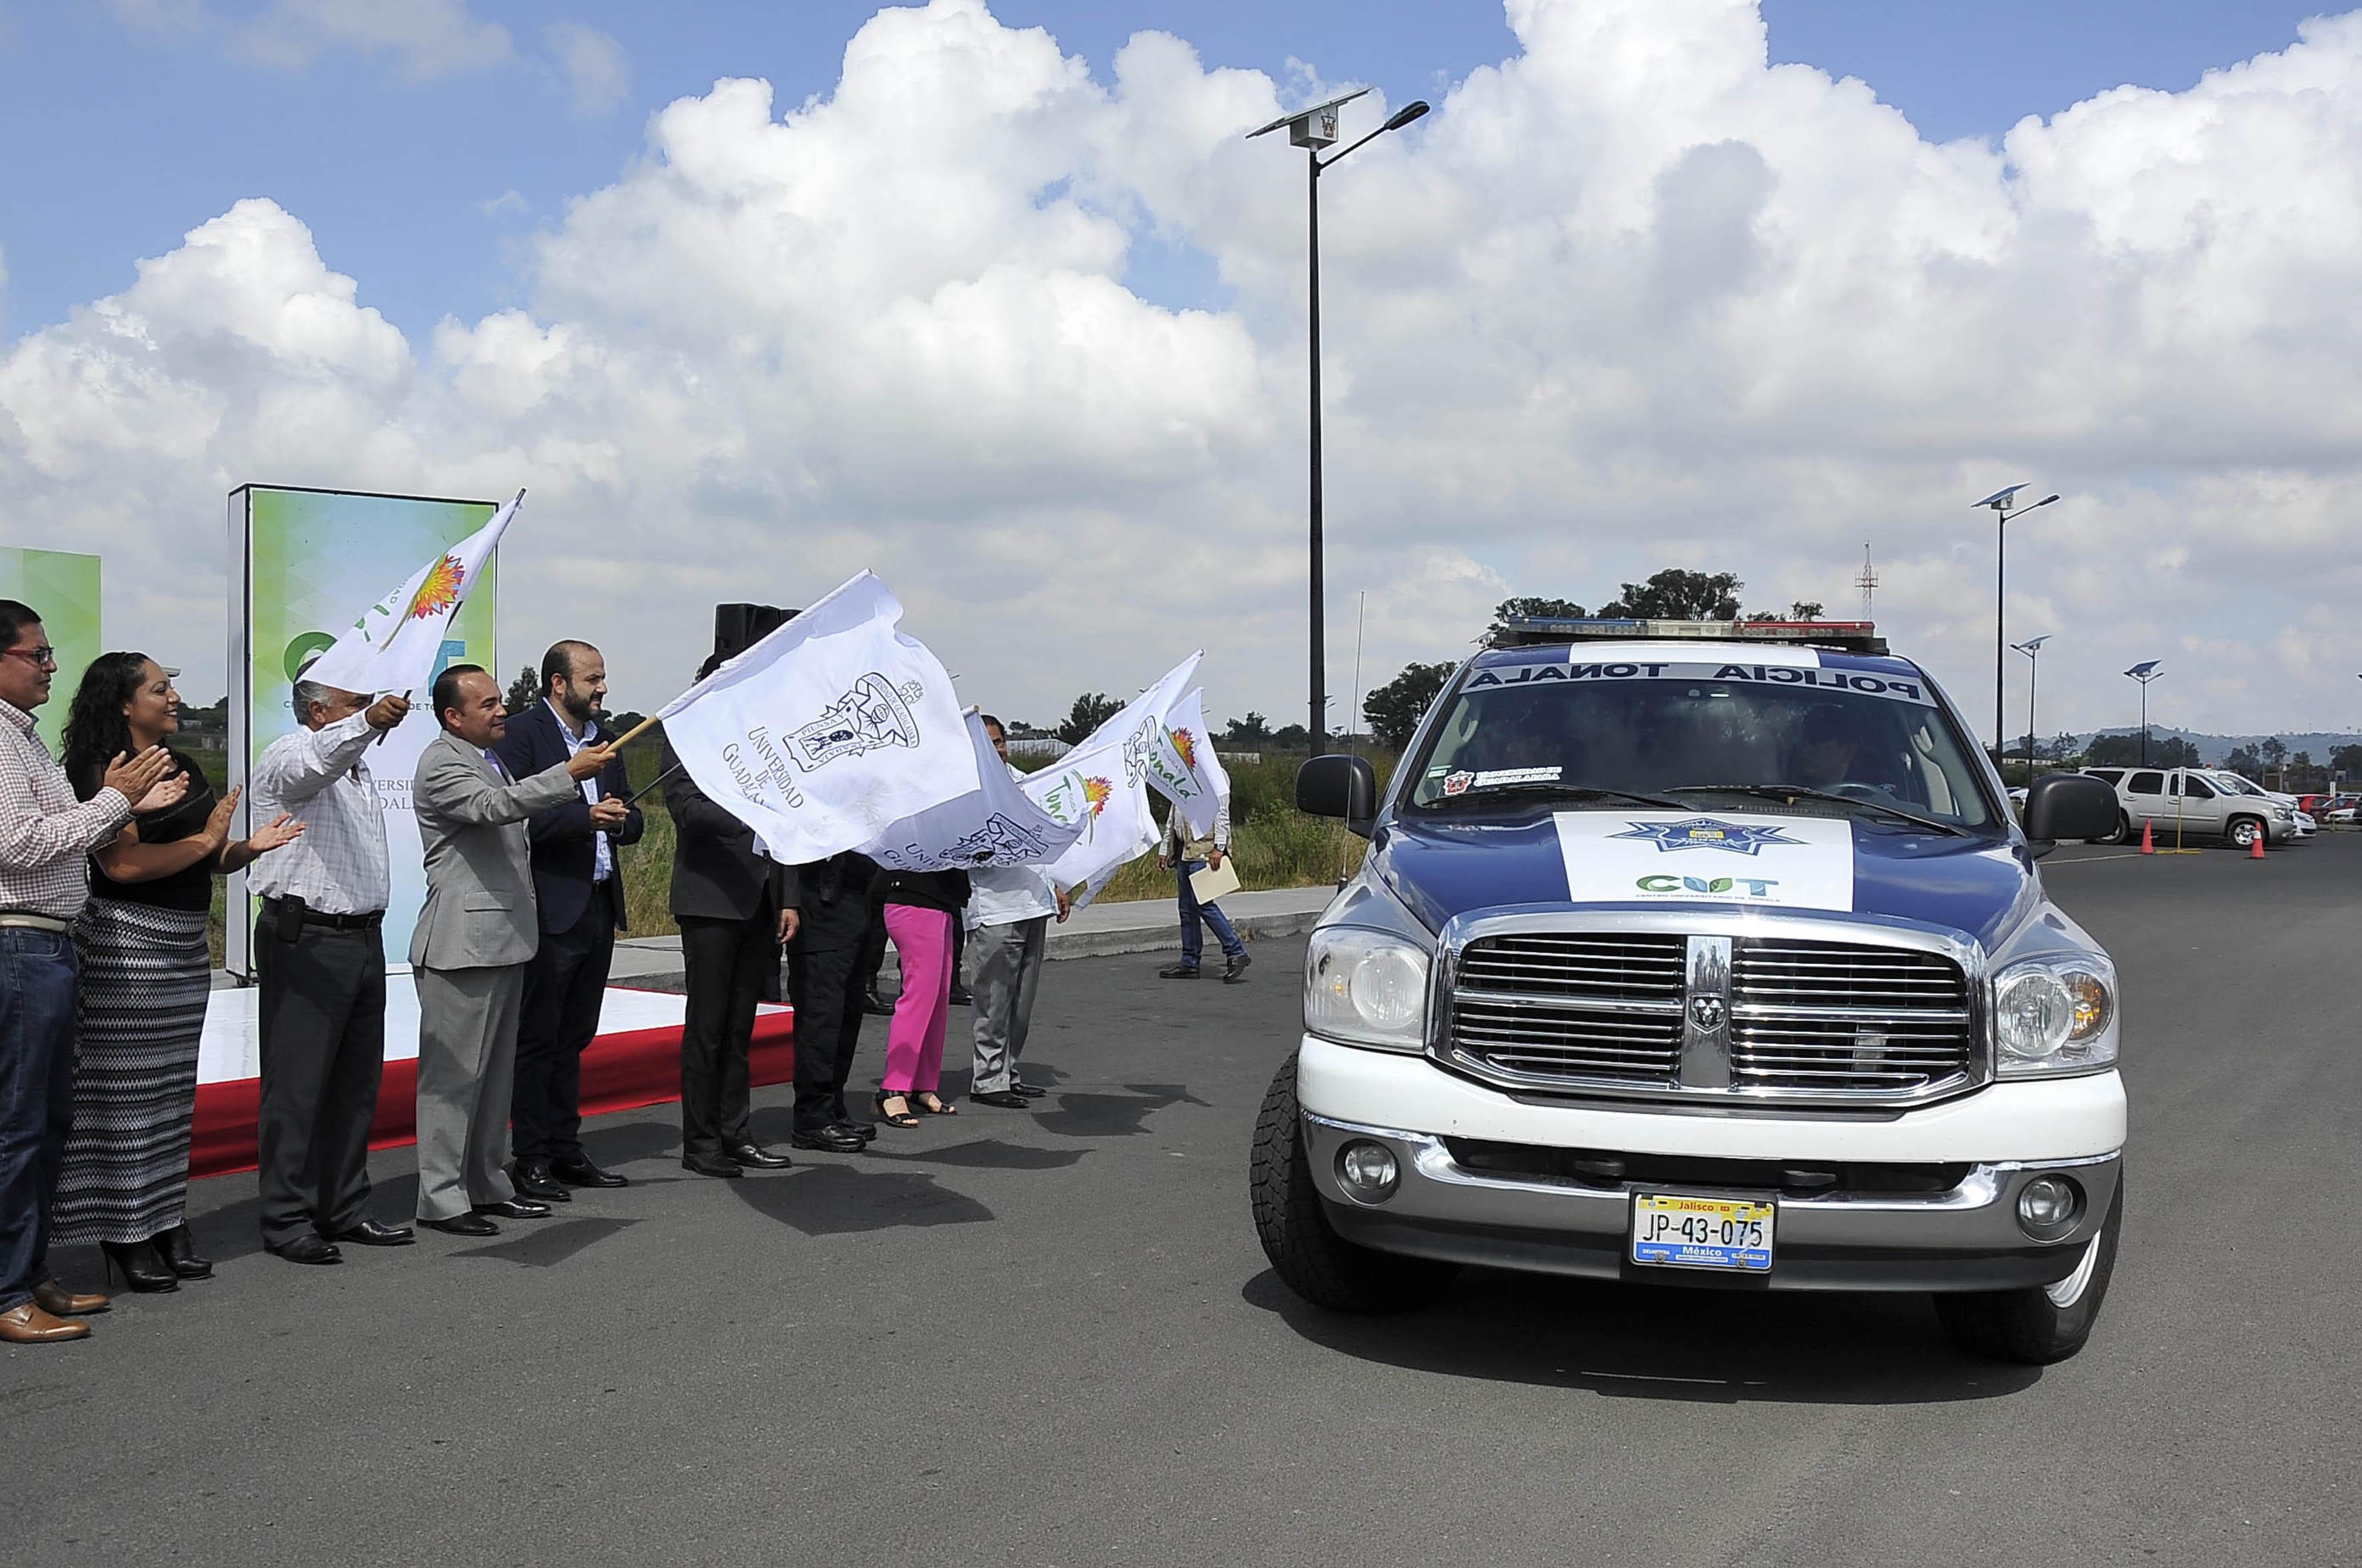 Autoridades del centro universitario, de seguridad y de la región , con banderas banderas universitarias y municipales,haciendo el oleaje de partida para dar inicio al patrullaje de vigilancia del lugar.